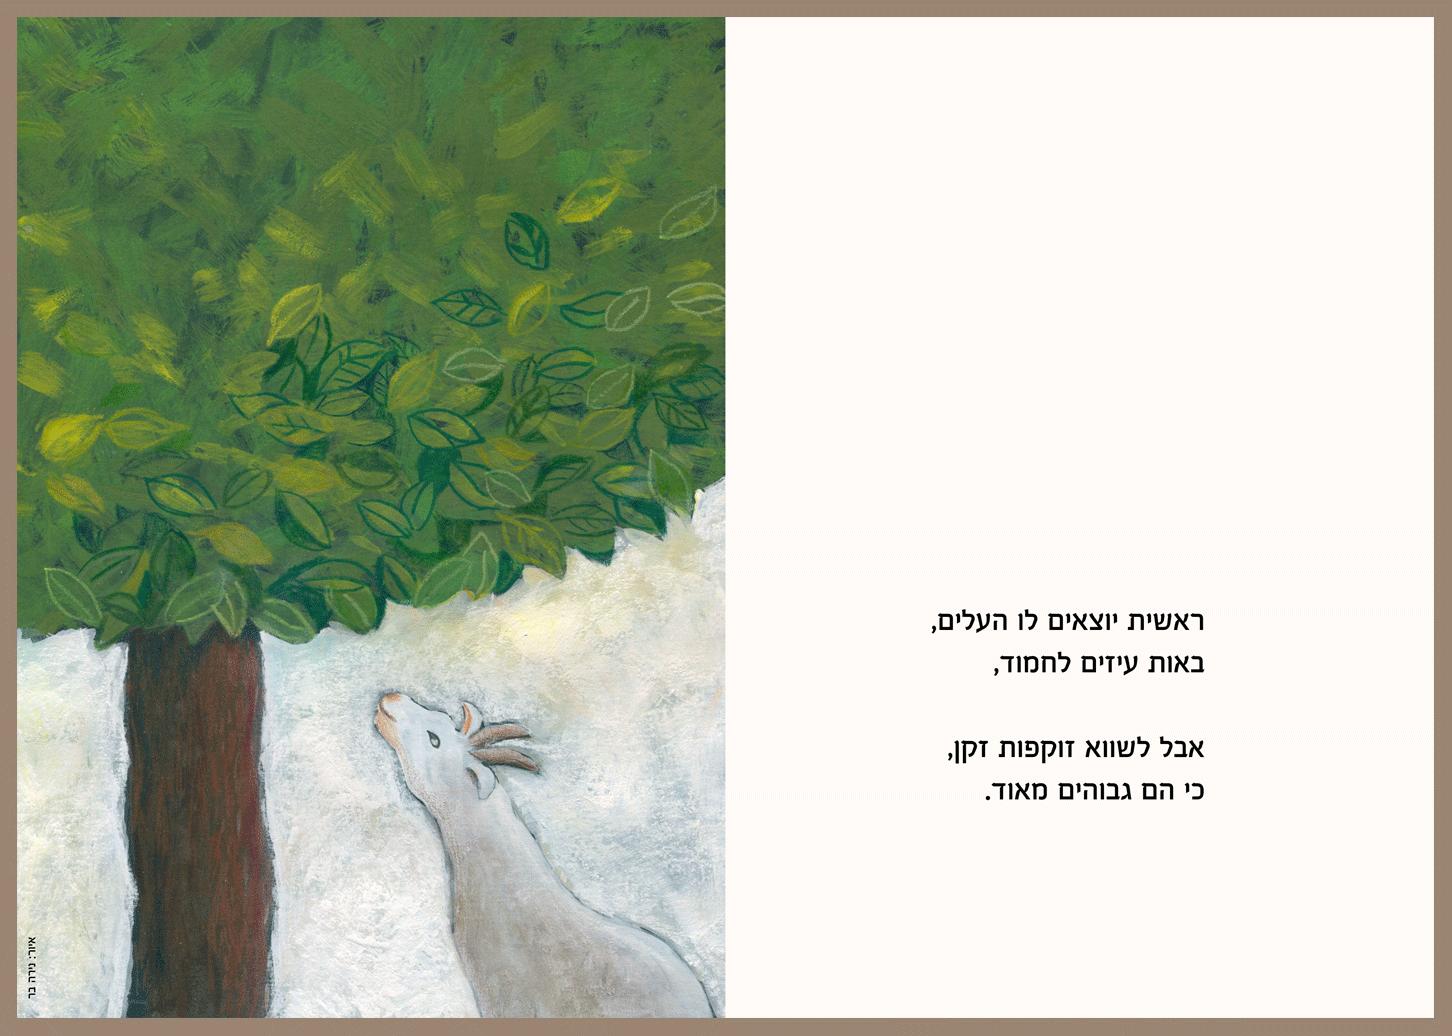 אגסים איור שיר(2)Pears poem